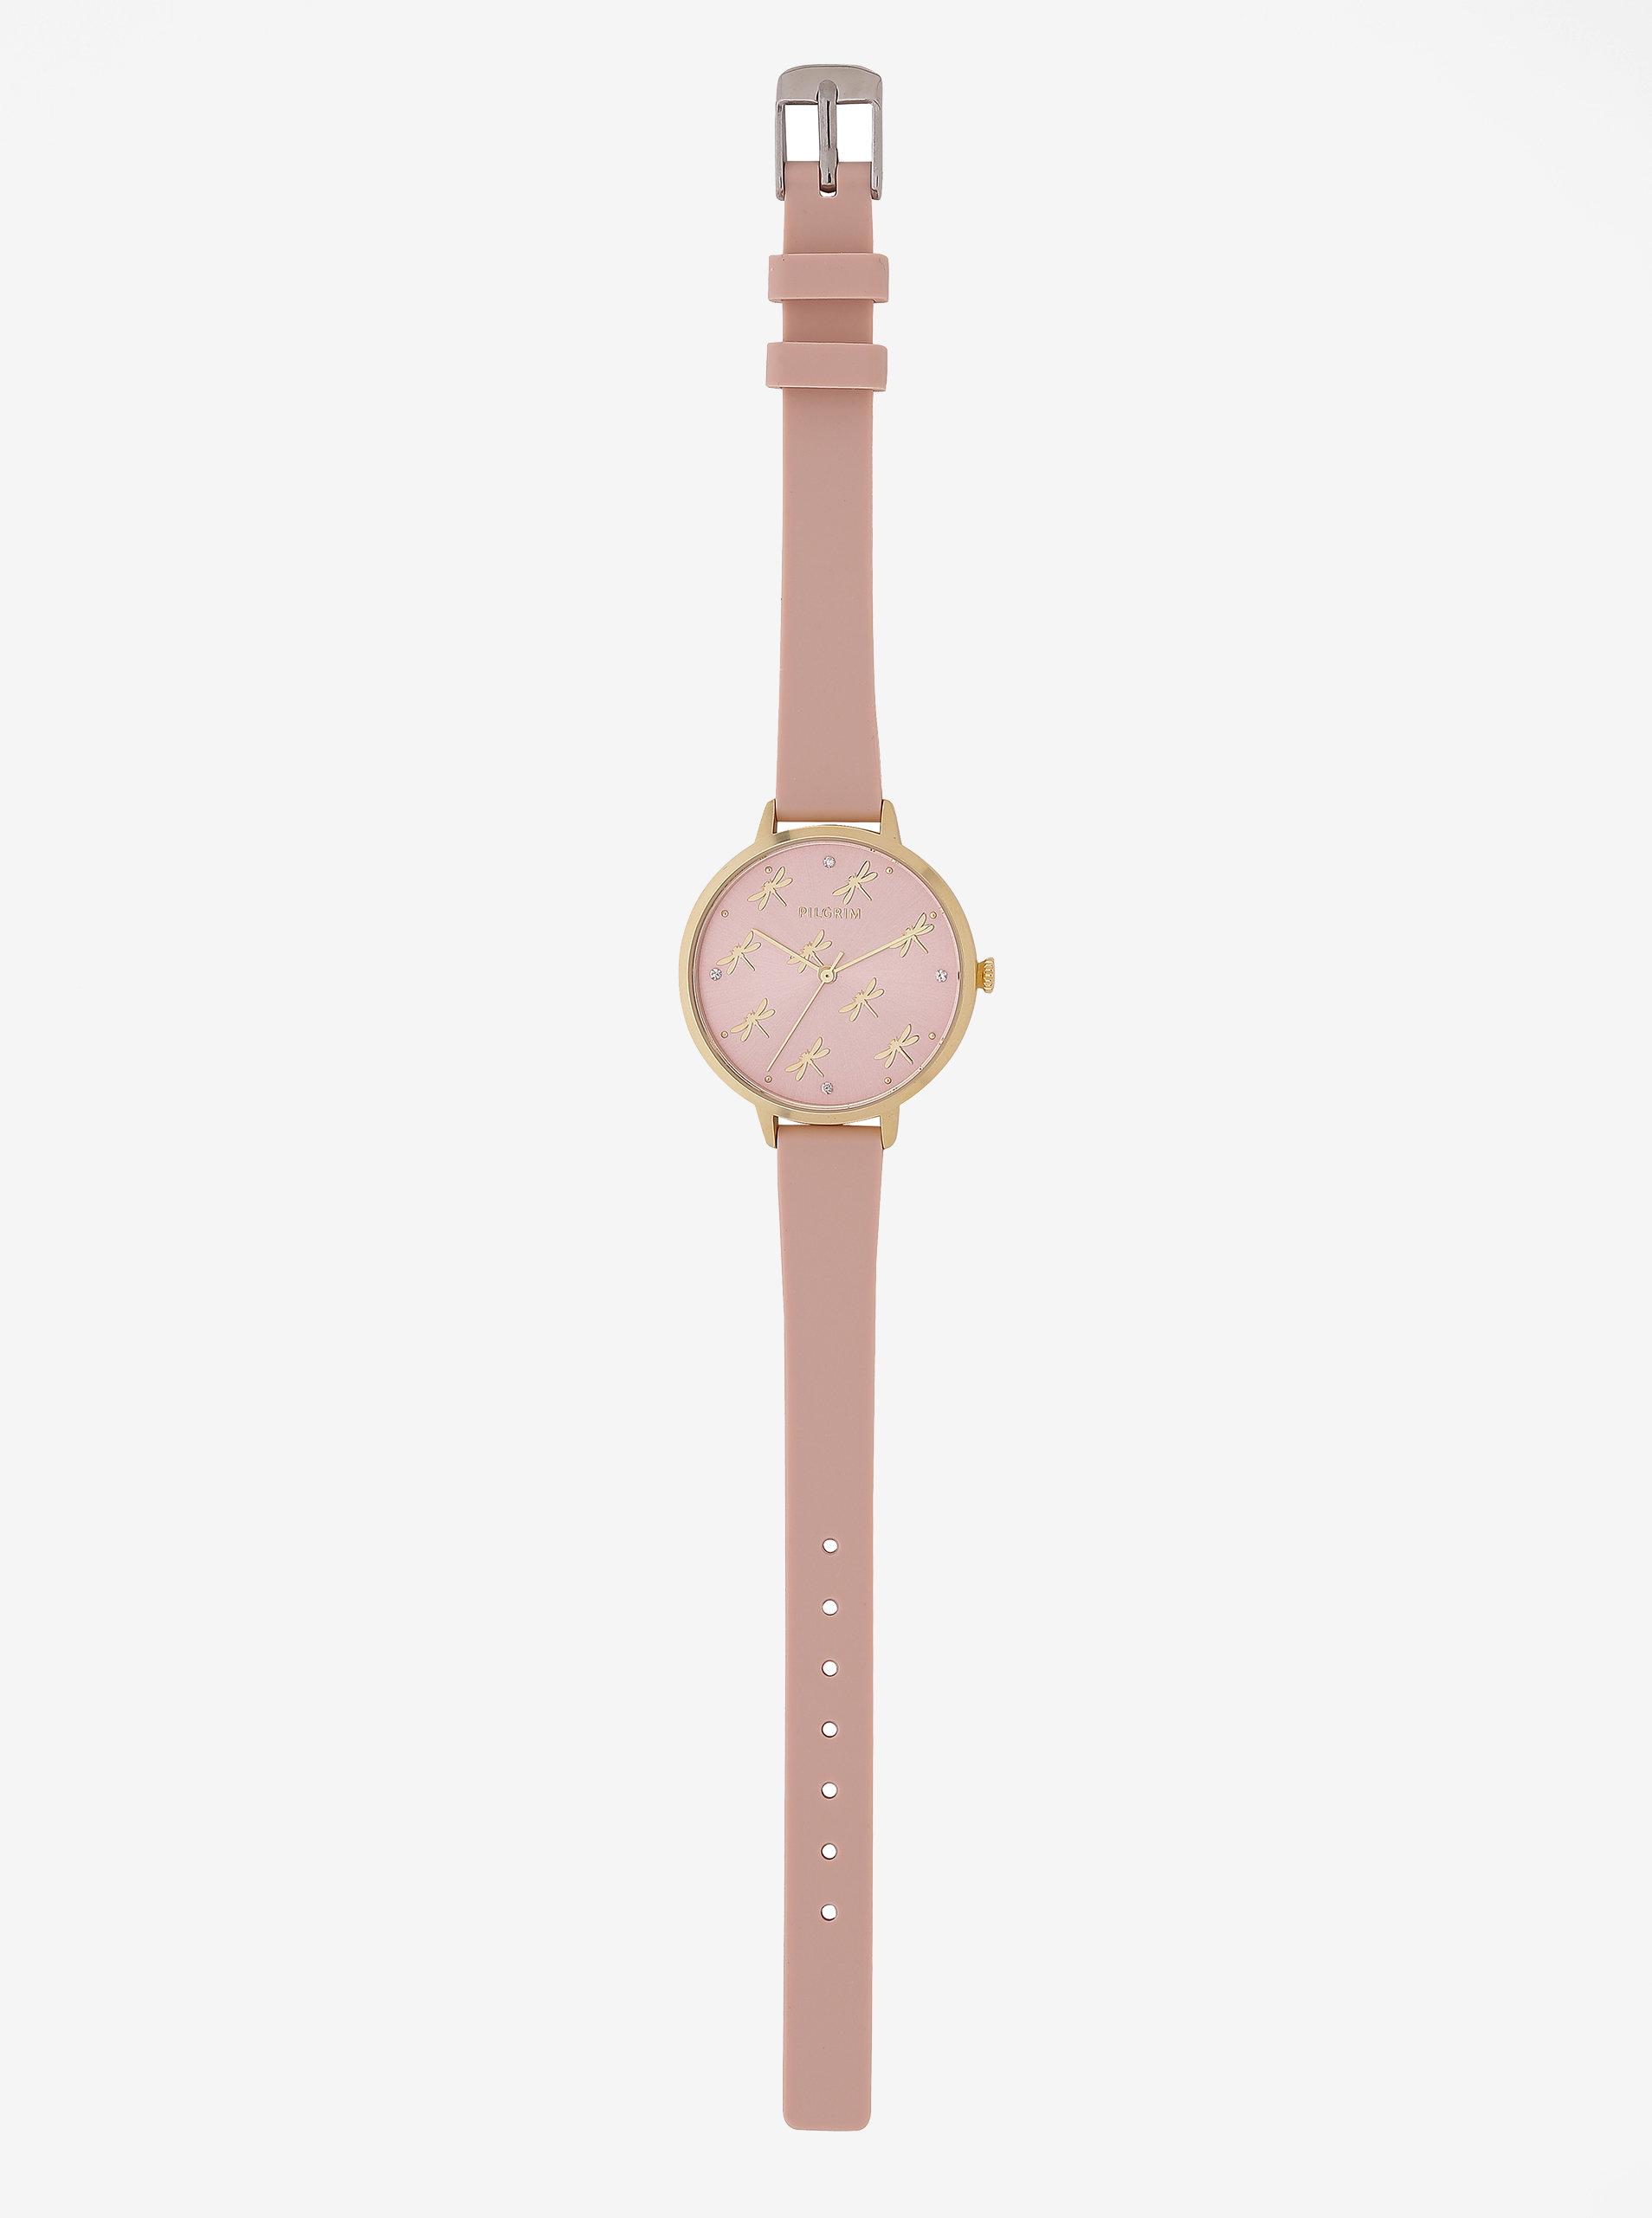 Dámské pozlacené hodinky s tělovým silikonovým páskem Pilgrim Babette ... 97b506708f